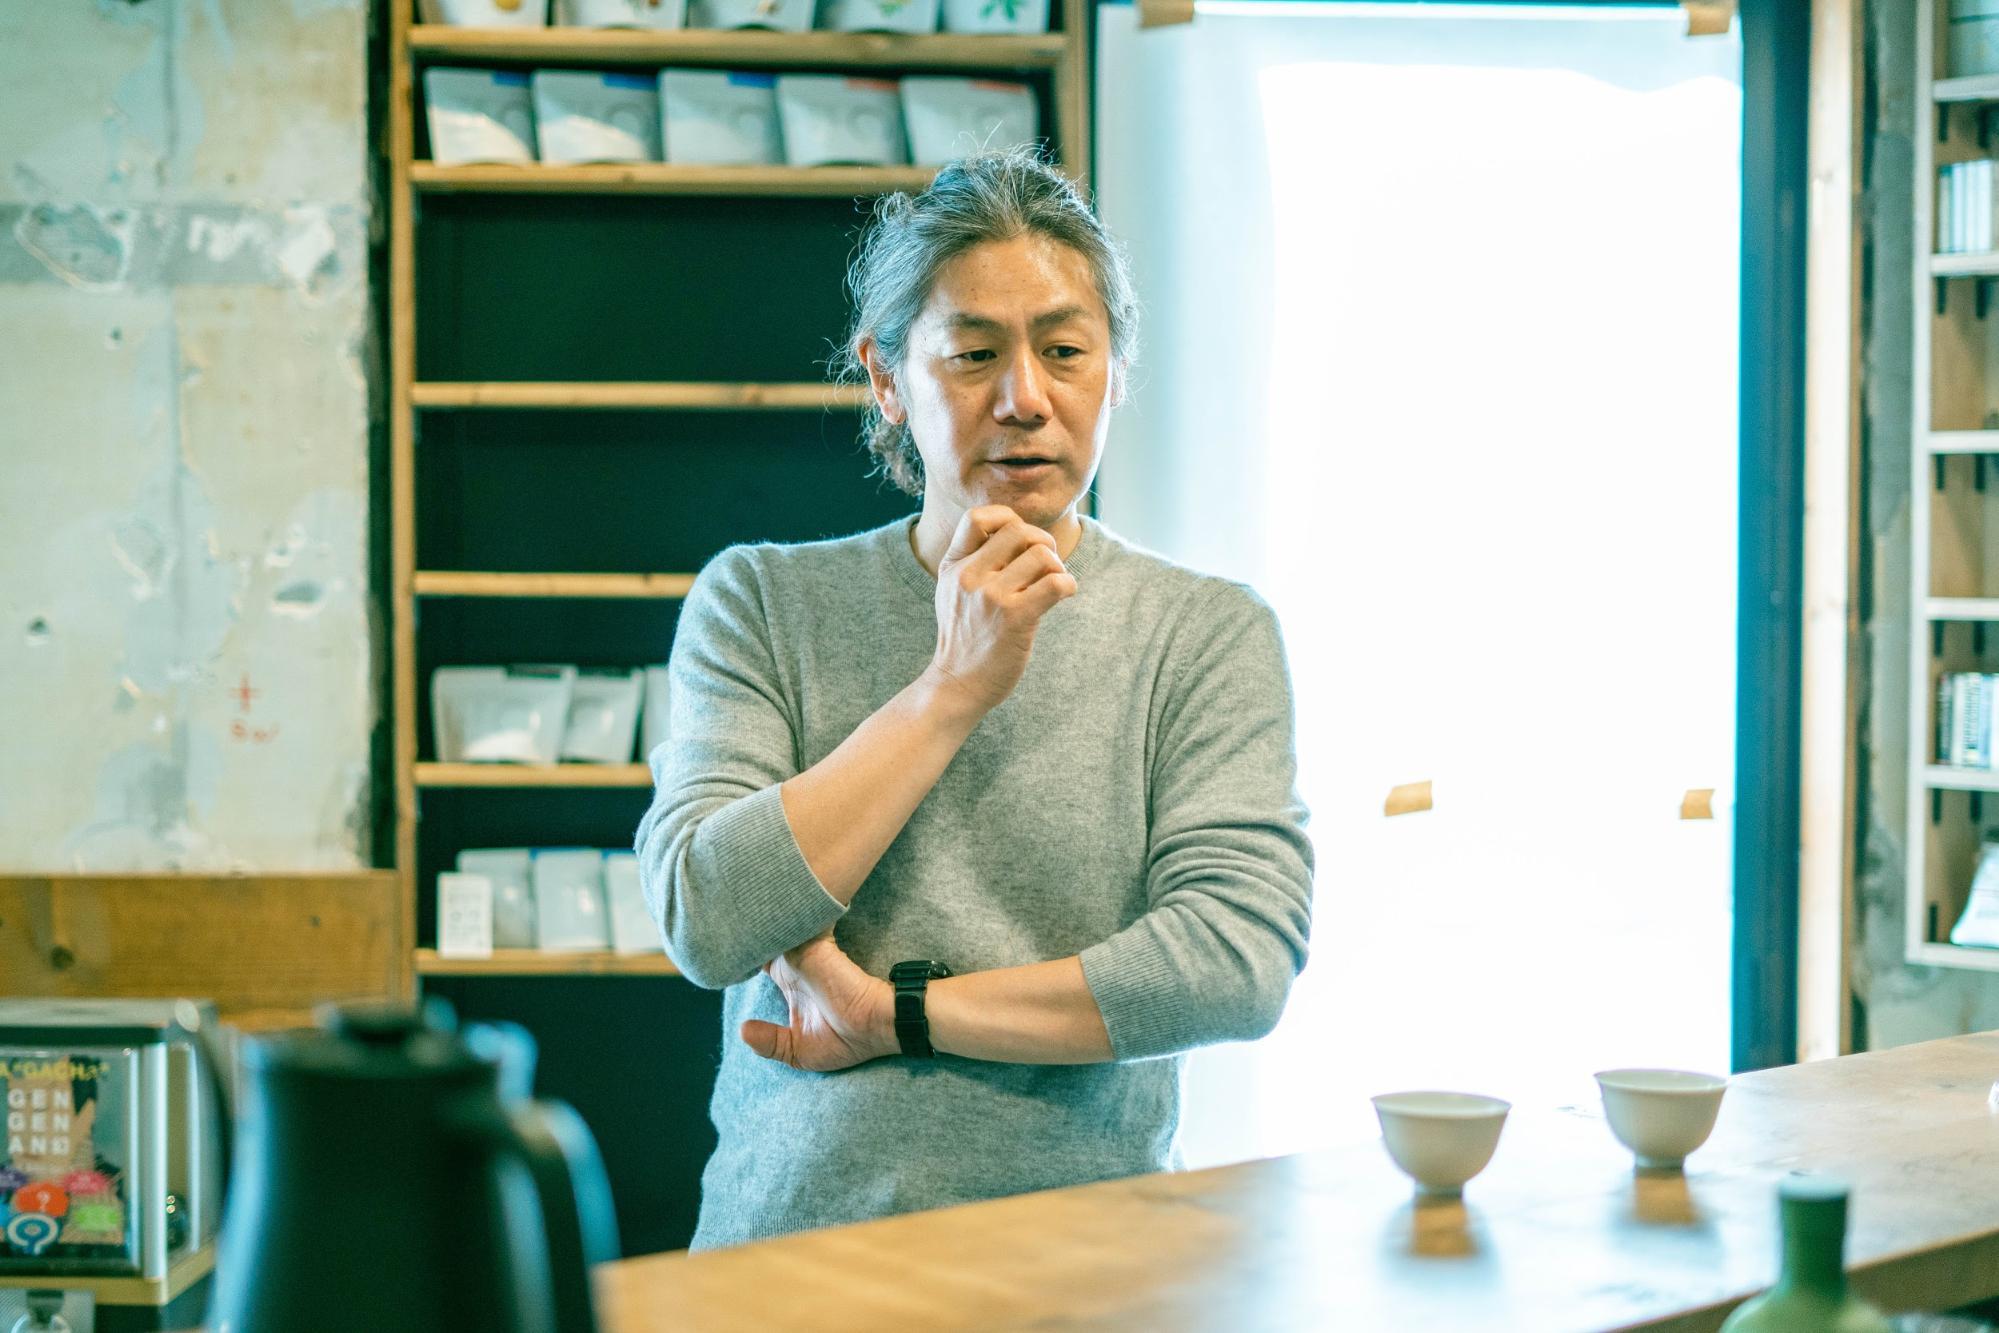 渋谷にあるEN TEAによるカフェ「GEN GEN AN」